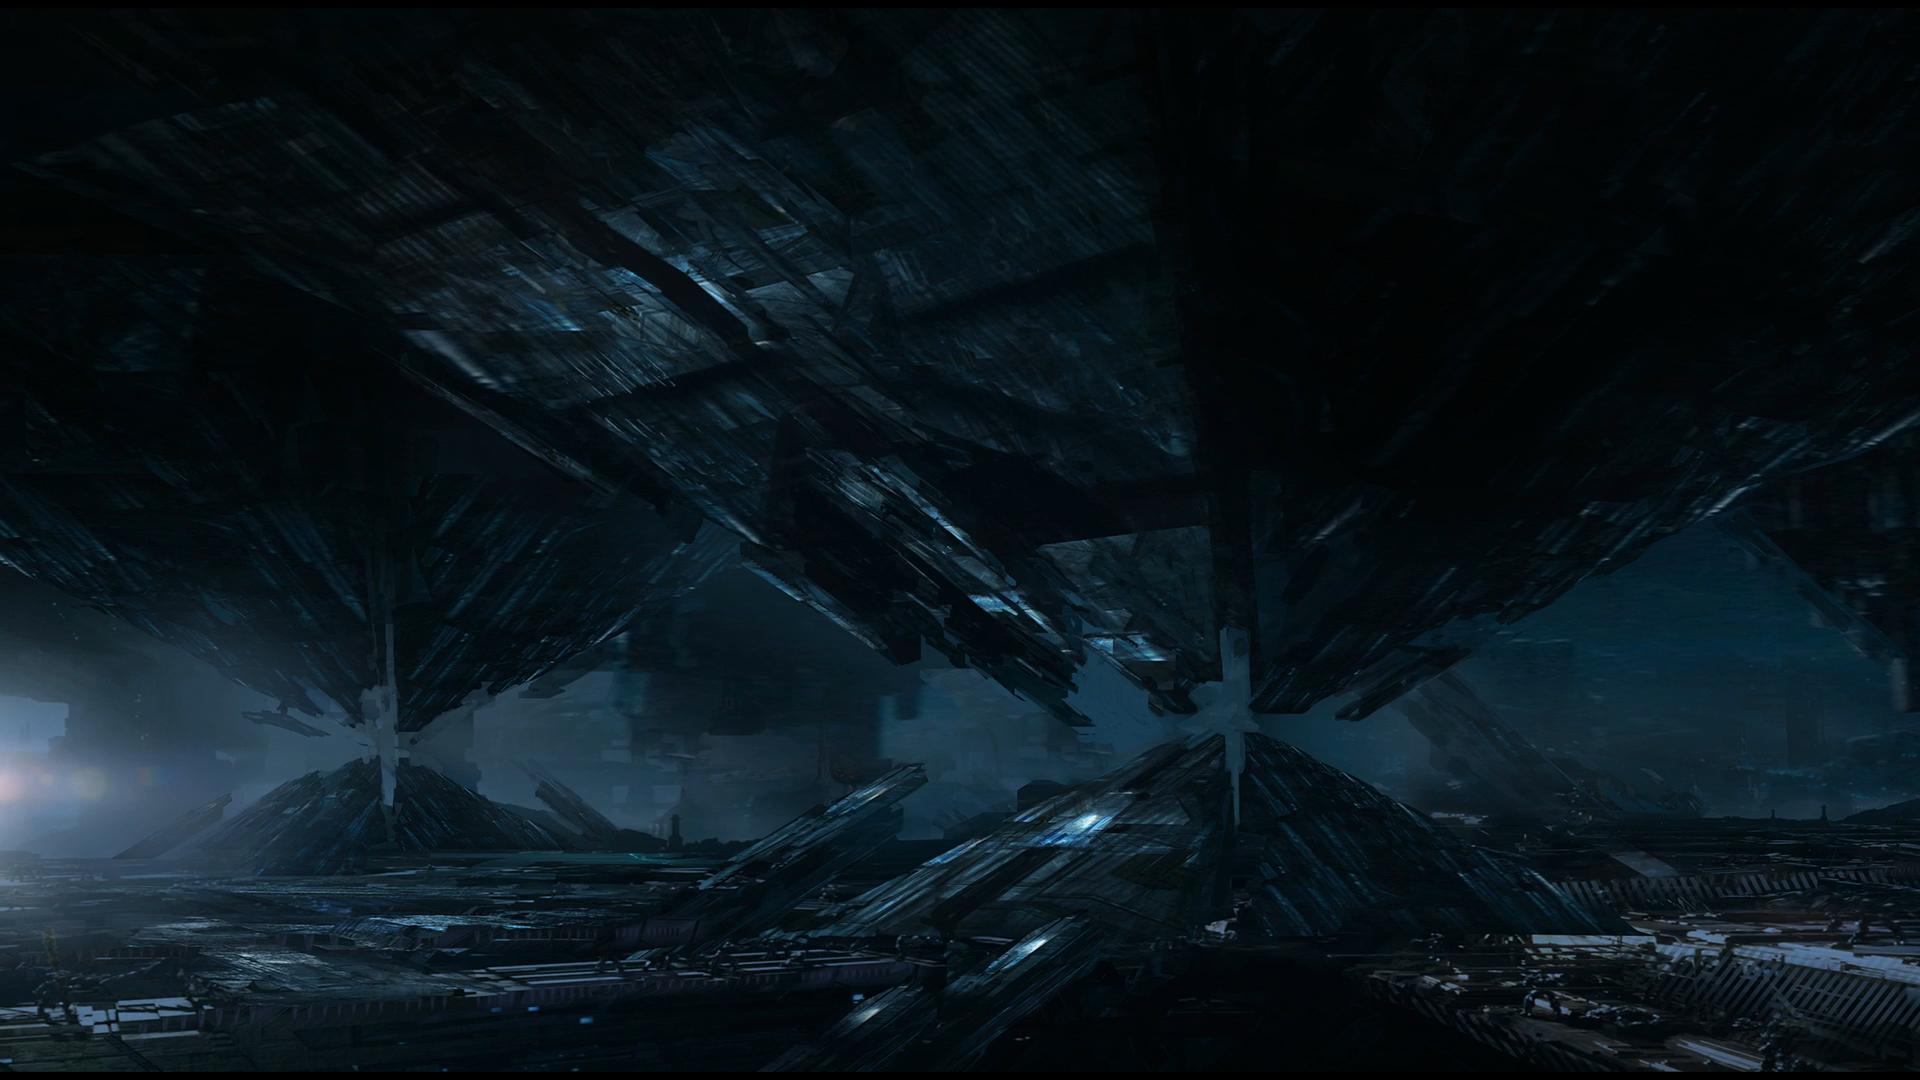 Mass Effect 4 Concept Art   Album on Imgur 1920x1080